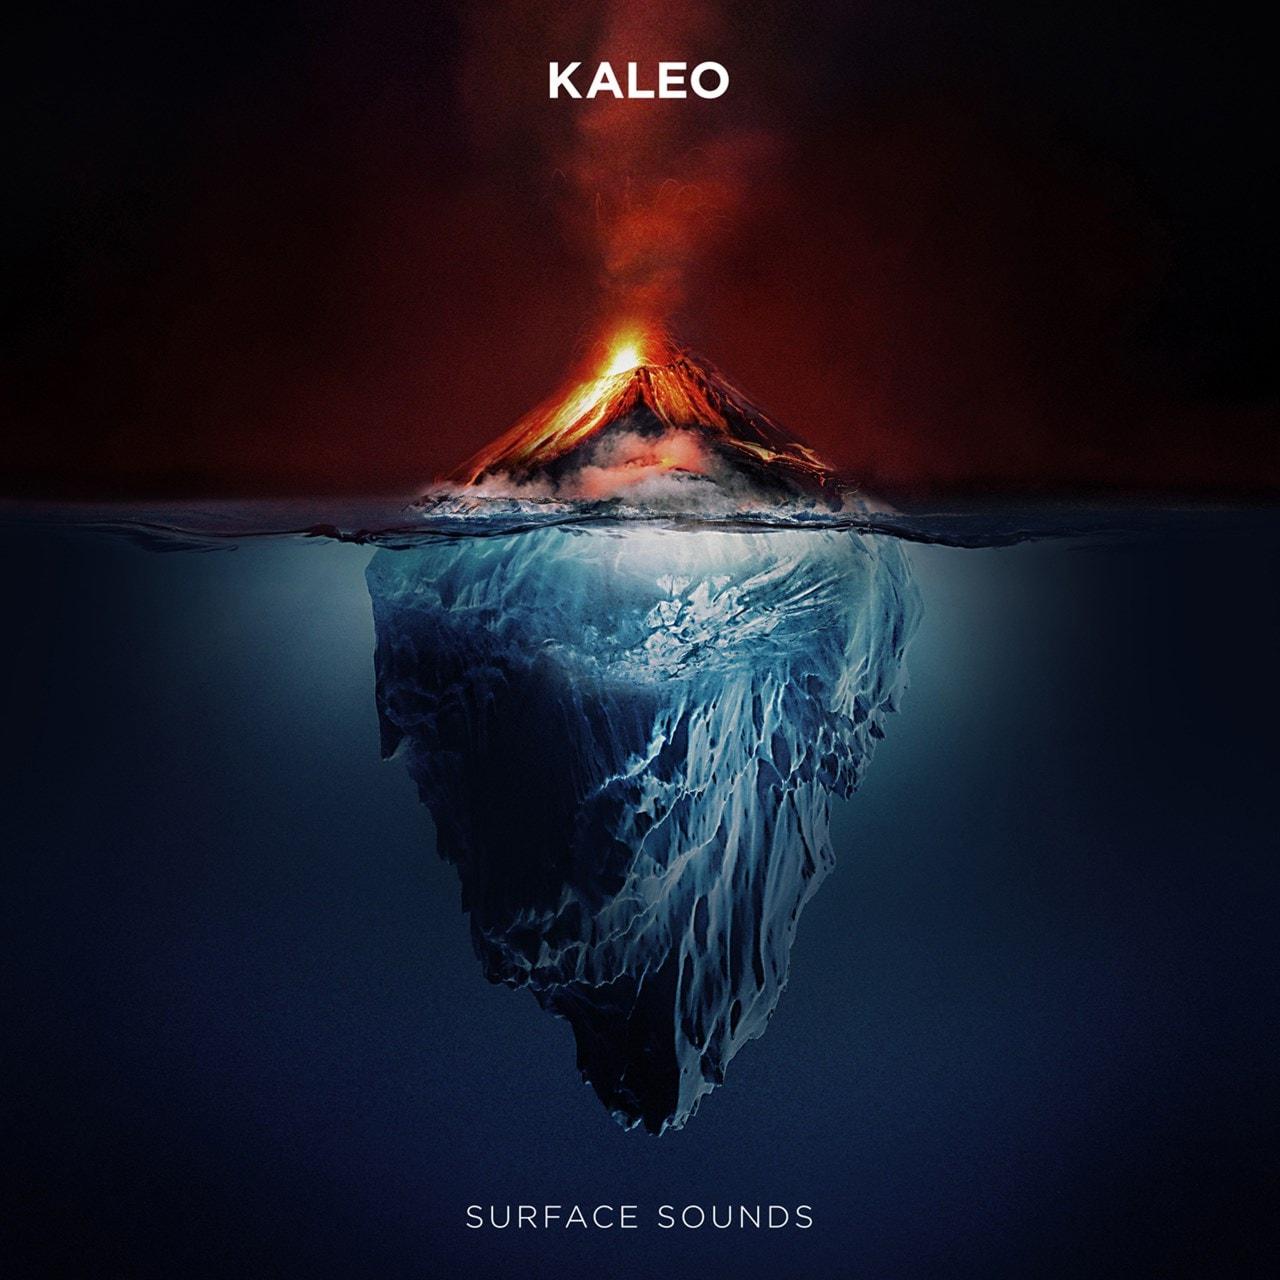 Surface Sounds - Kaleo - Musik - ATLANTIC - 0075678649530 - April 23, 2021